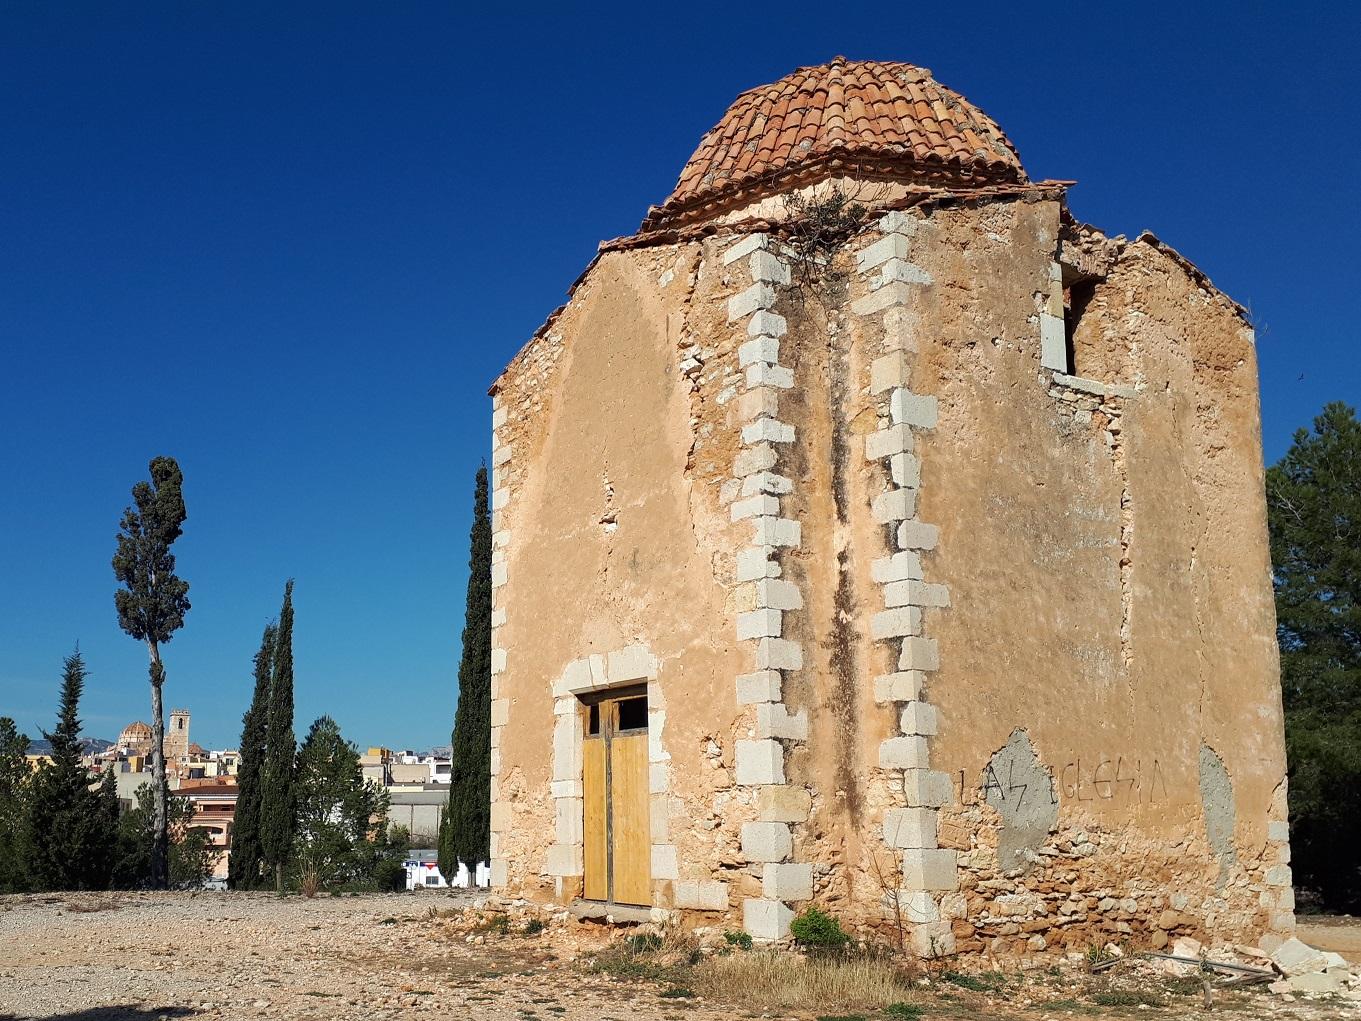 Canet signa un conveni amb el Bisbat de Tortosa per a la cessió de l'ermita del Calvari durant el propers 50 anys